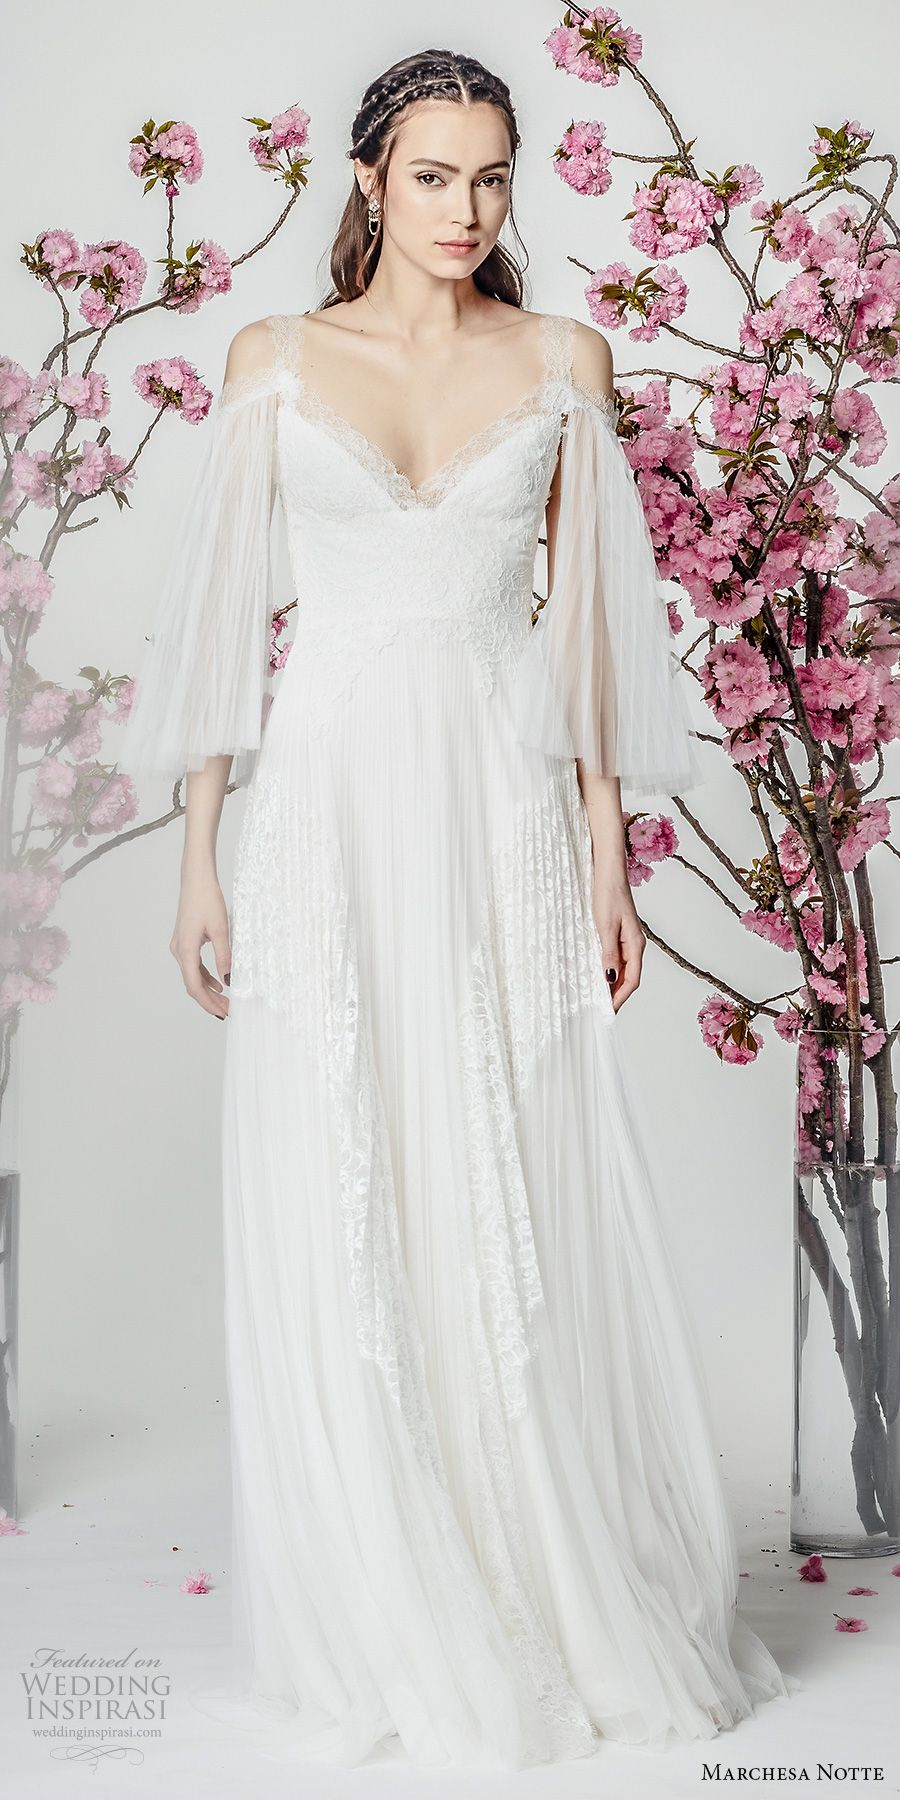 Marchesa notte spring wedding dresses marchesa cold shoulder